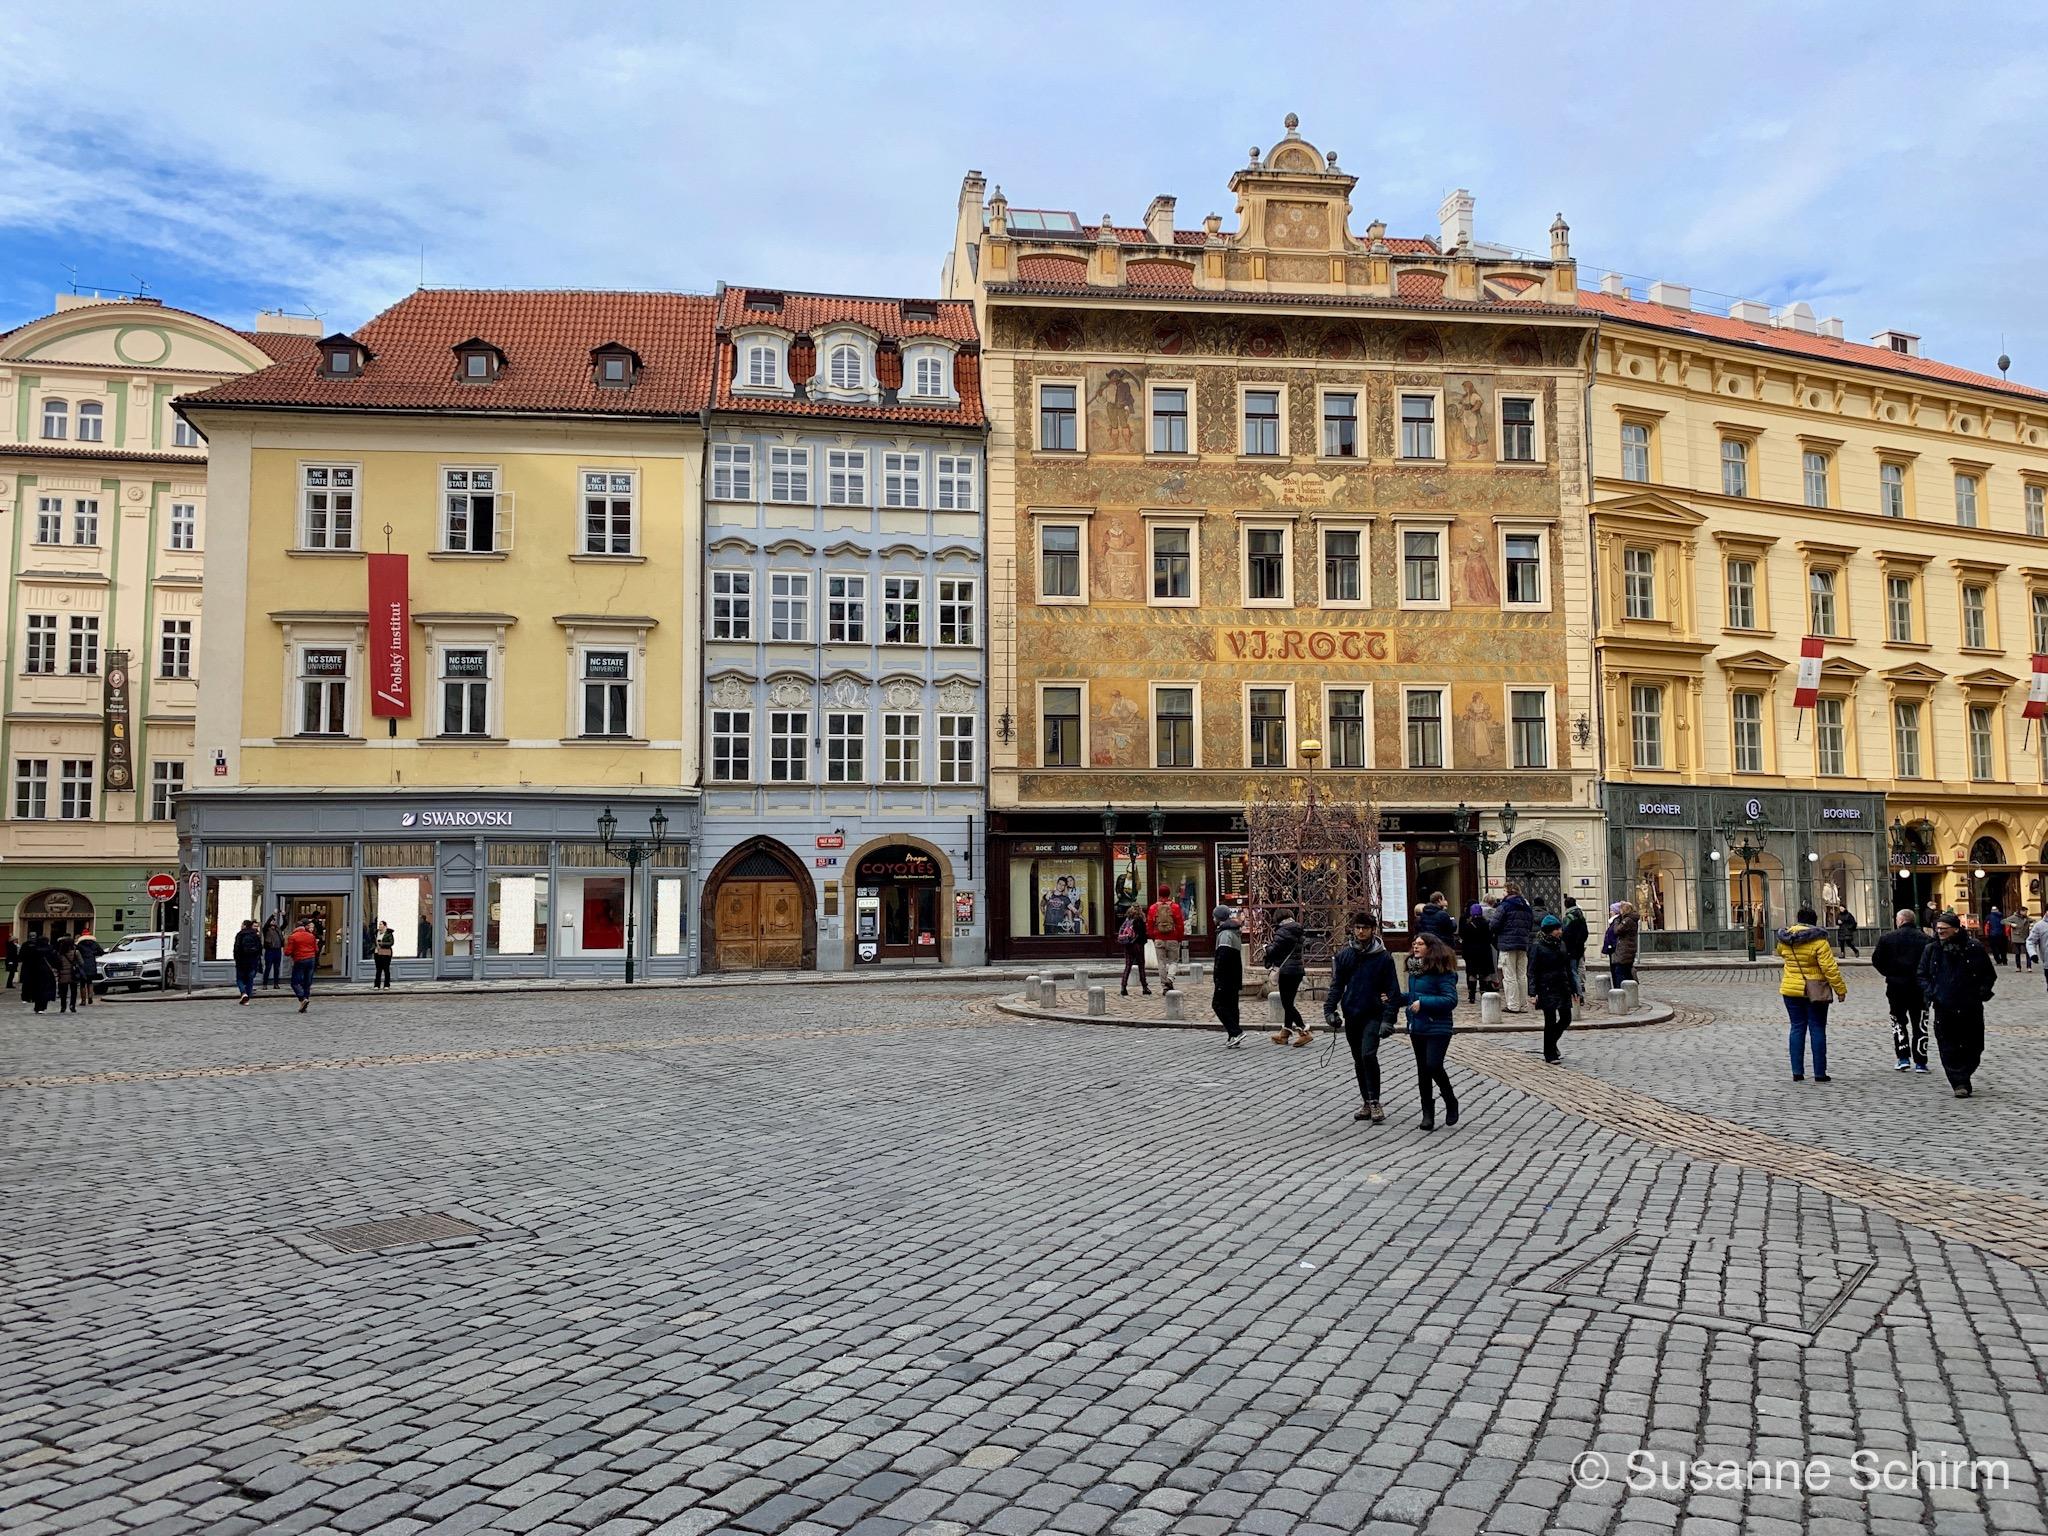 Historische Gebäude in der Nähe des Altstädter Ringes